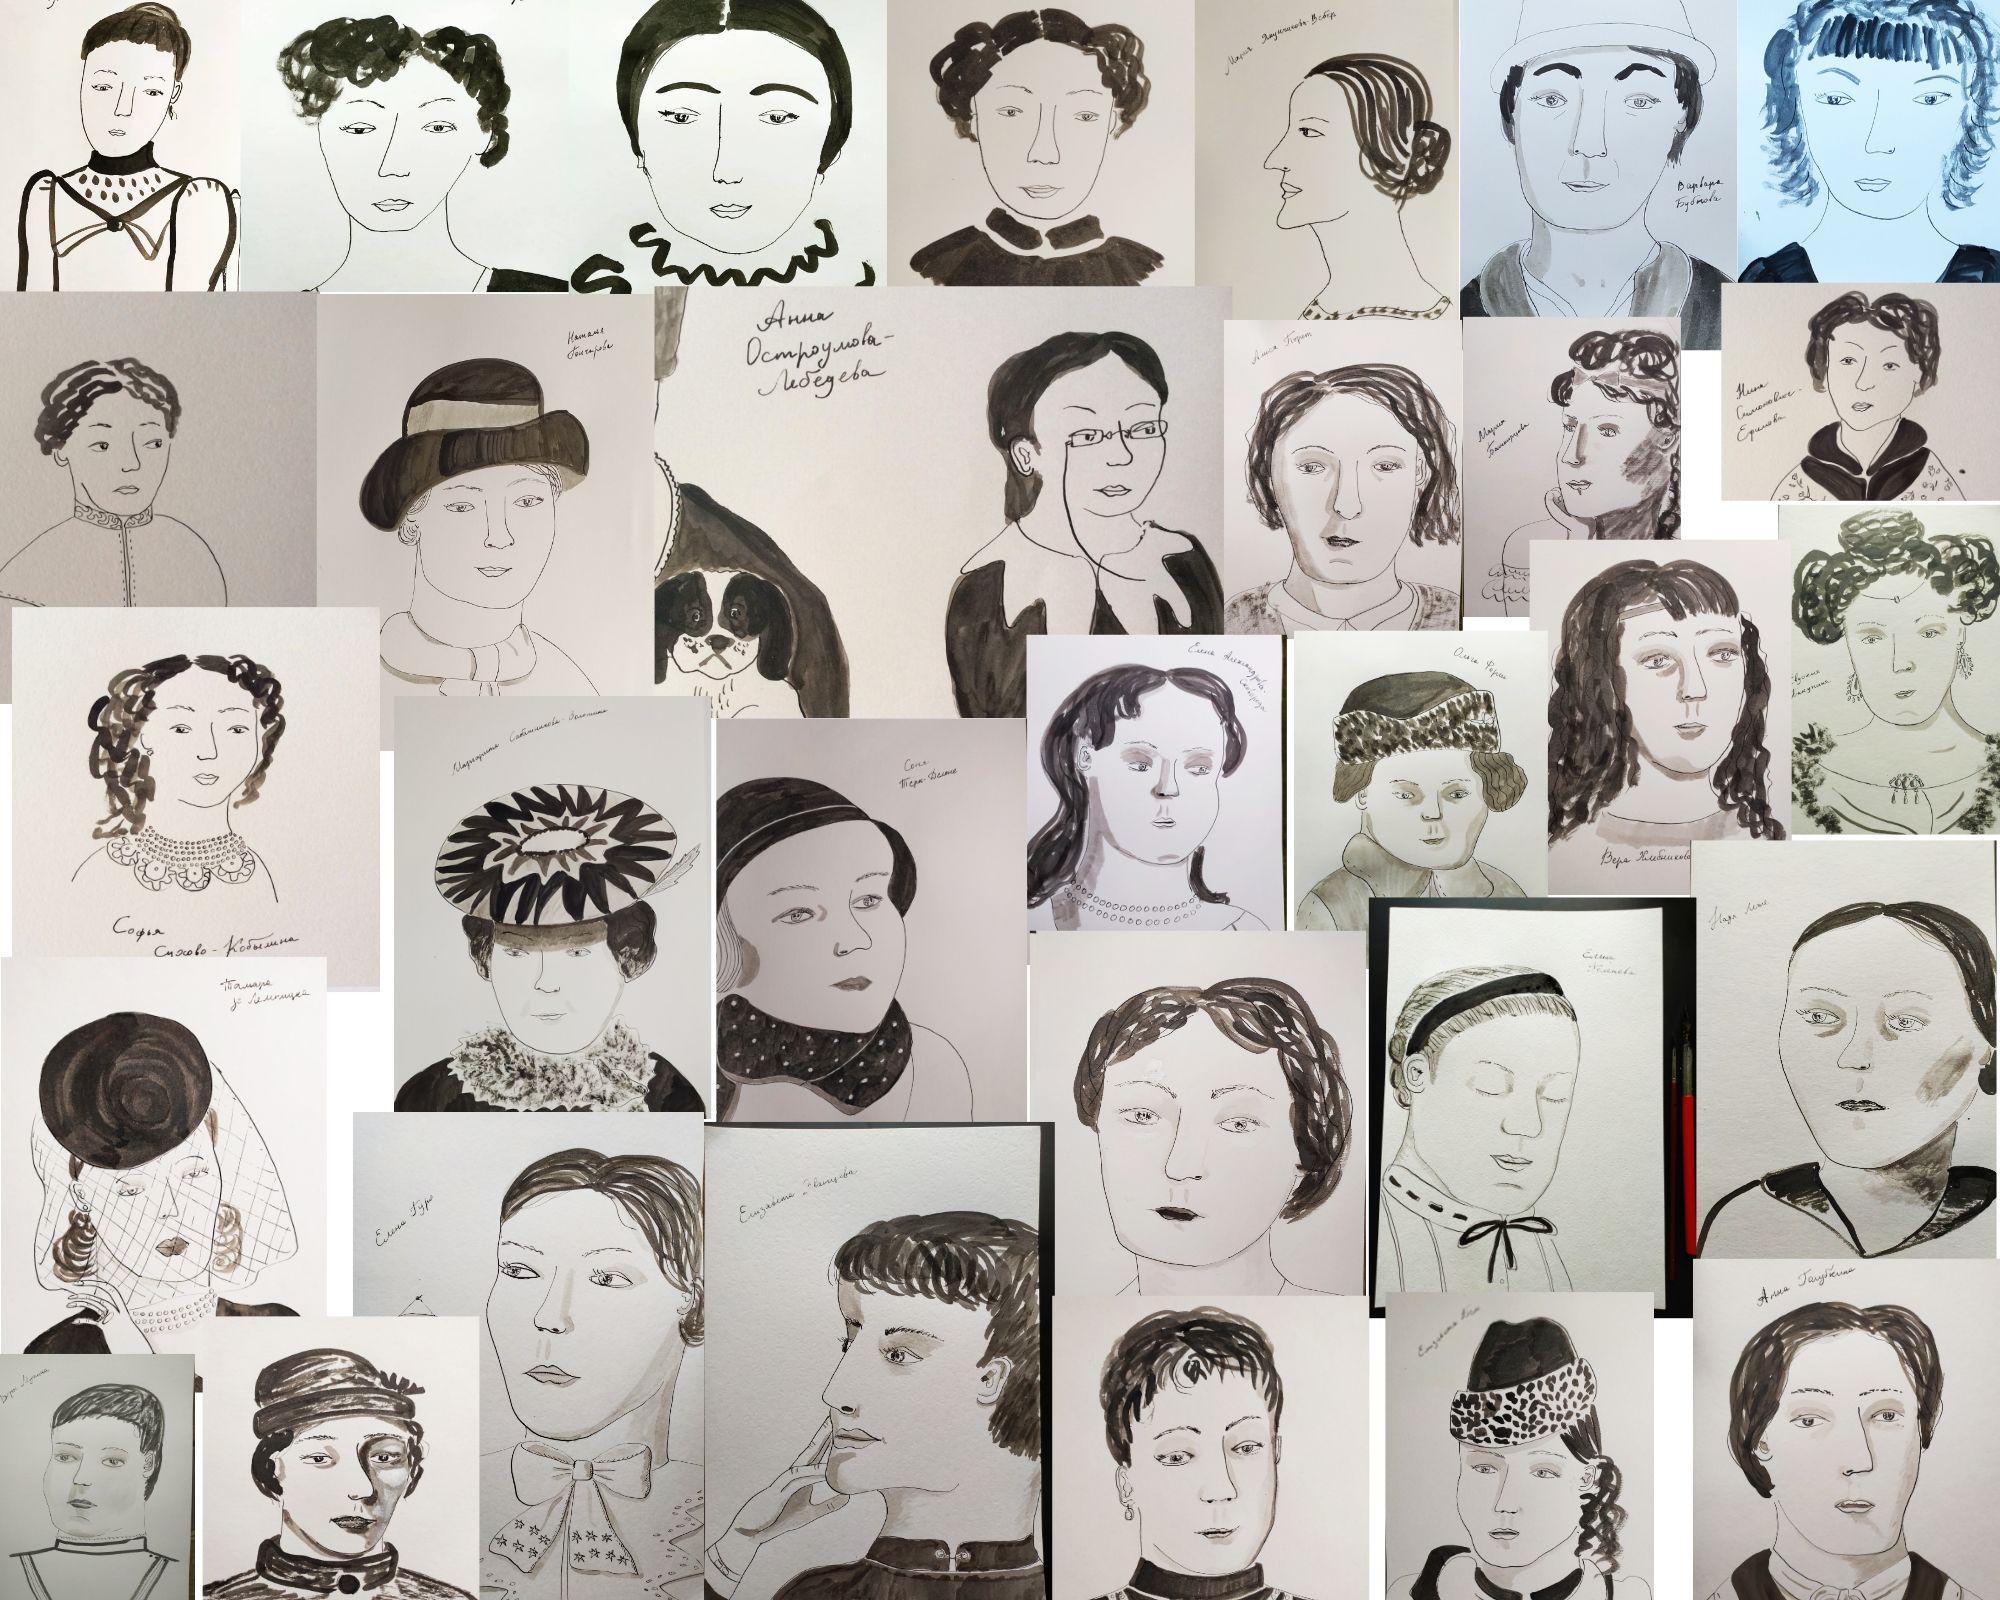 Марафон рисования Инктобер: 31 портрет русских художниц за месяц | Nadin Piter Надин Питер блог Нади Демкиной